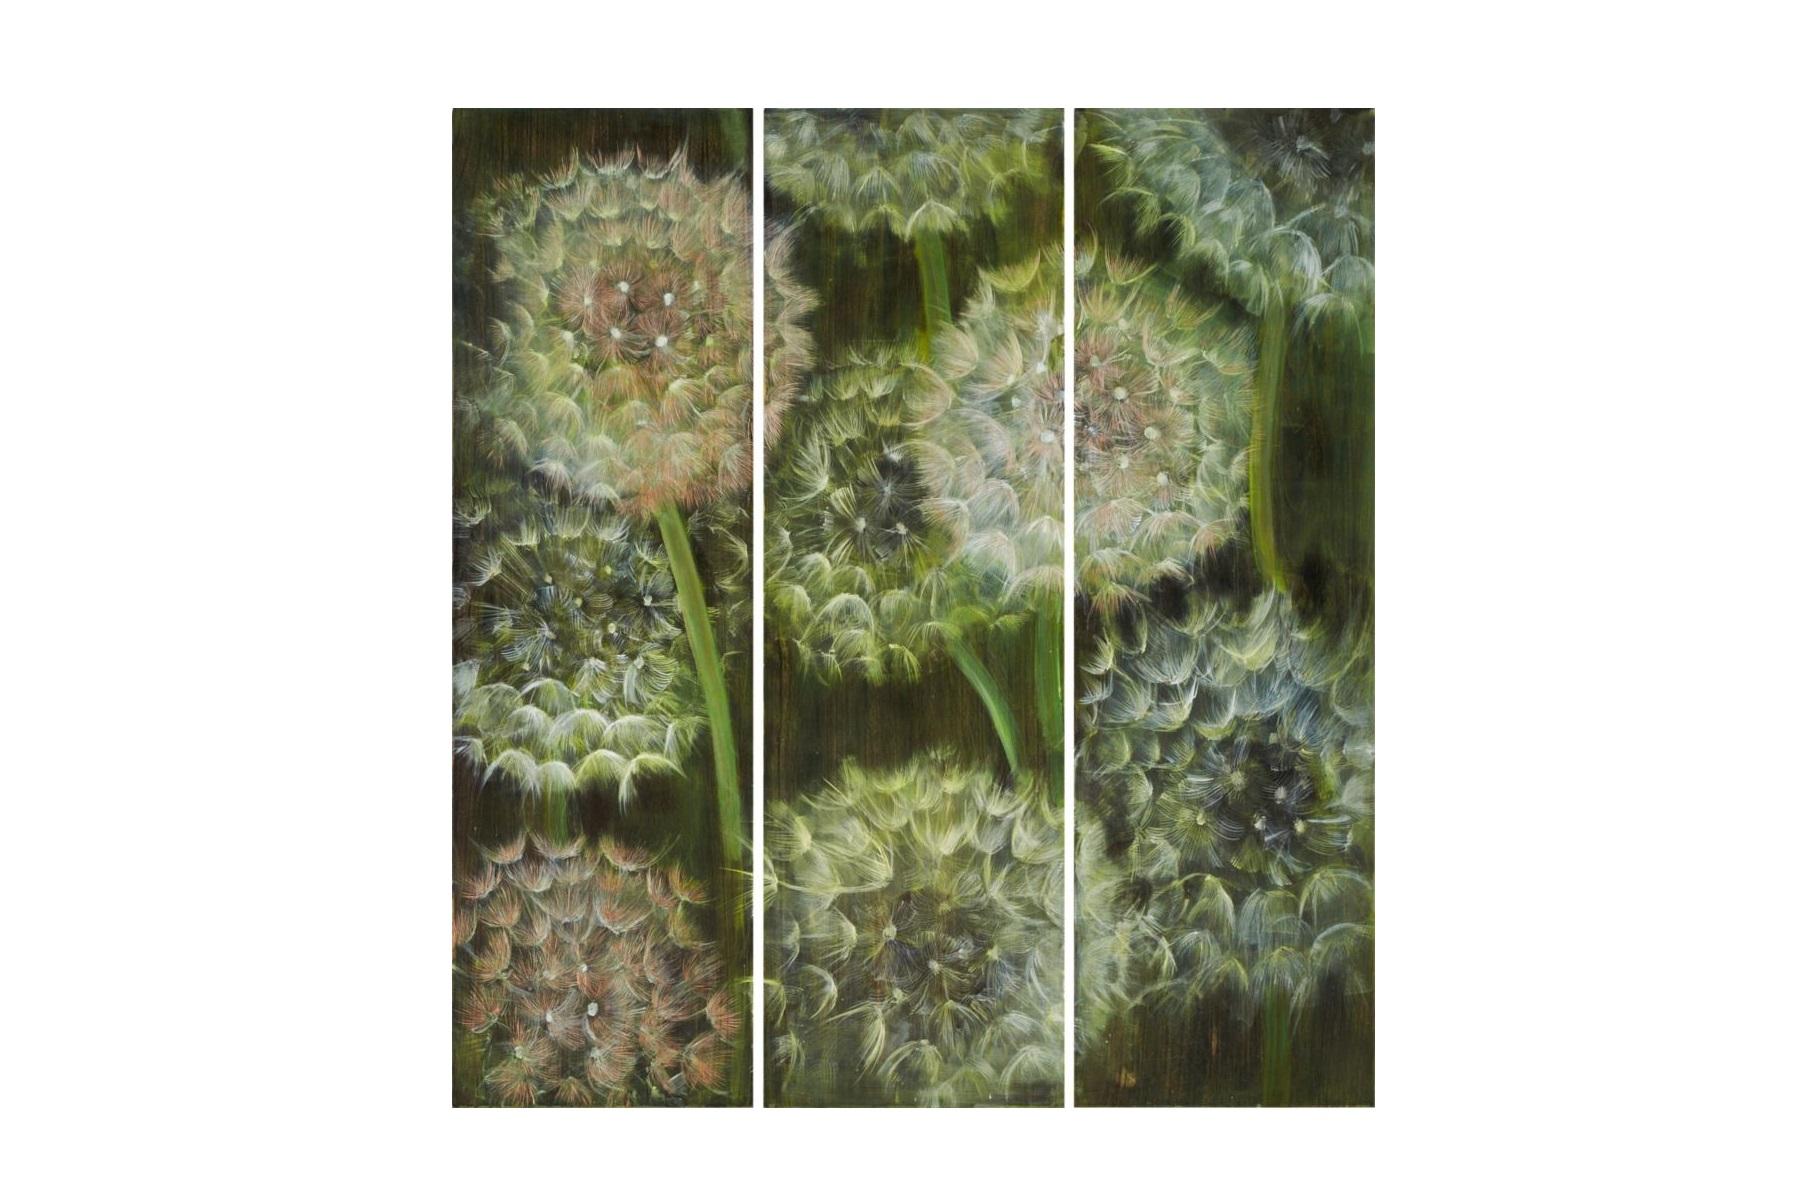 КартинаКартины<br><br><br>Material: Дерево<br>Width см: 135<br>Depth см: 4<br>Height см: 150